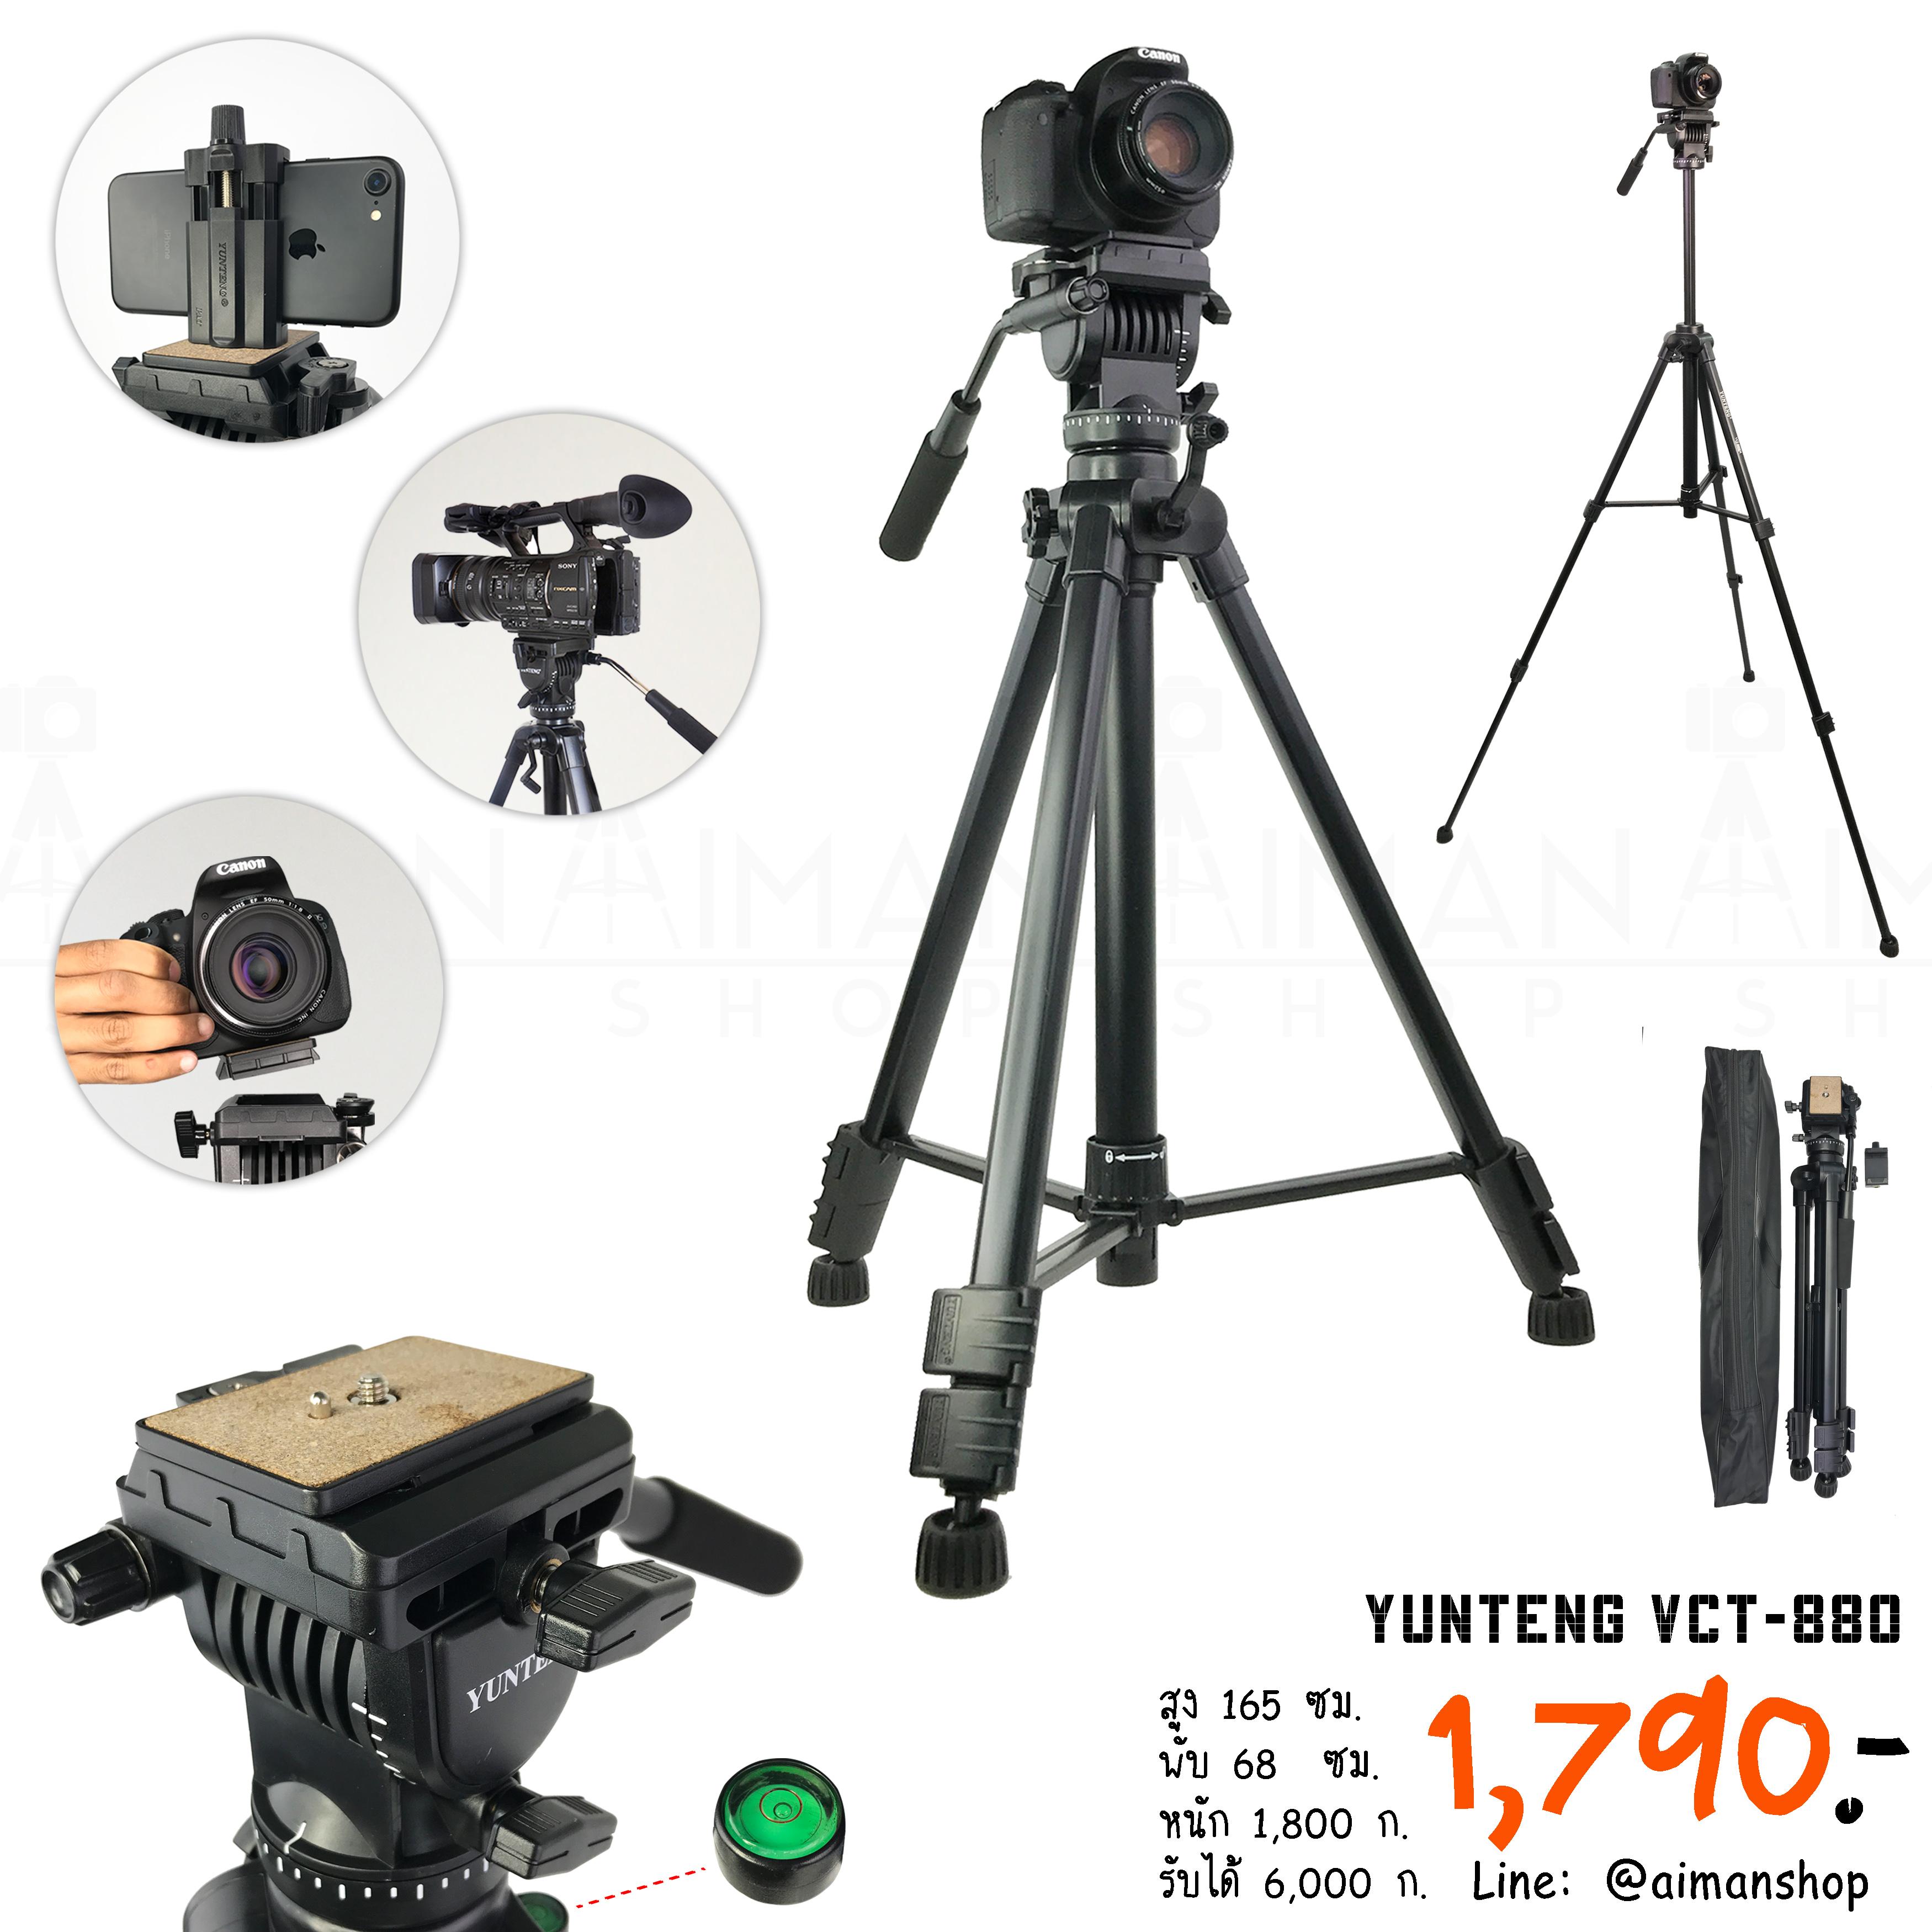 ขาตั้งกล้อง Yunteng รุ่น VCT-880